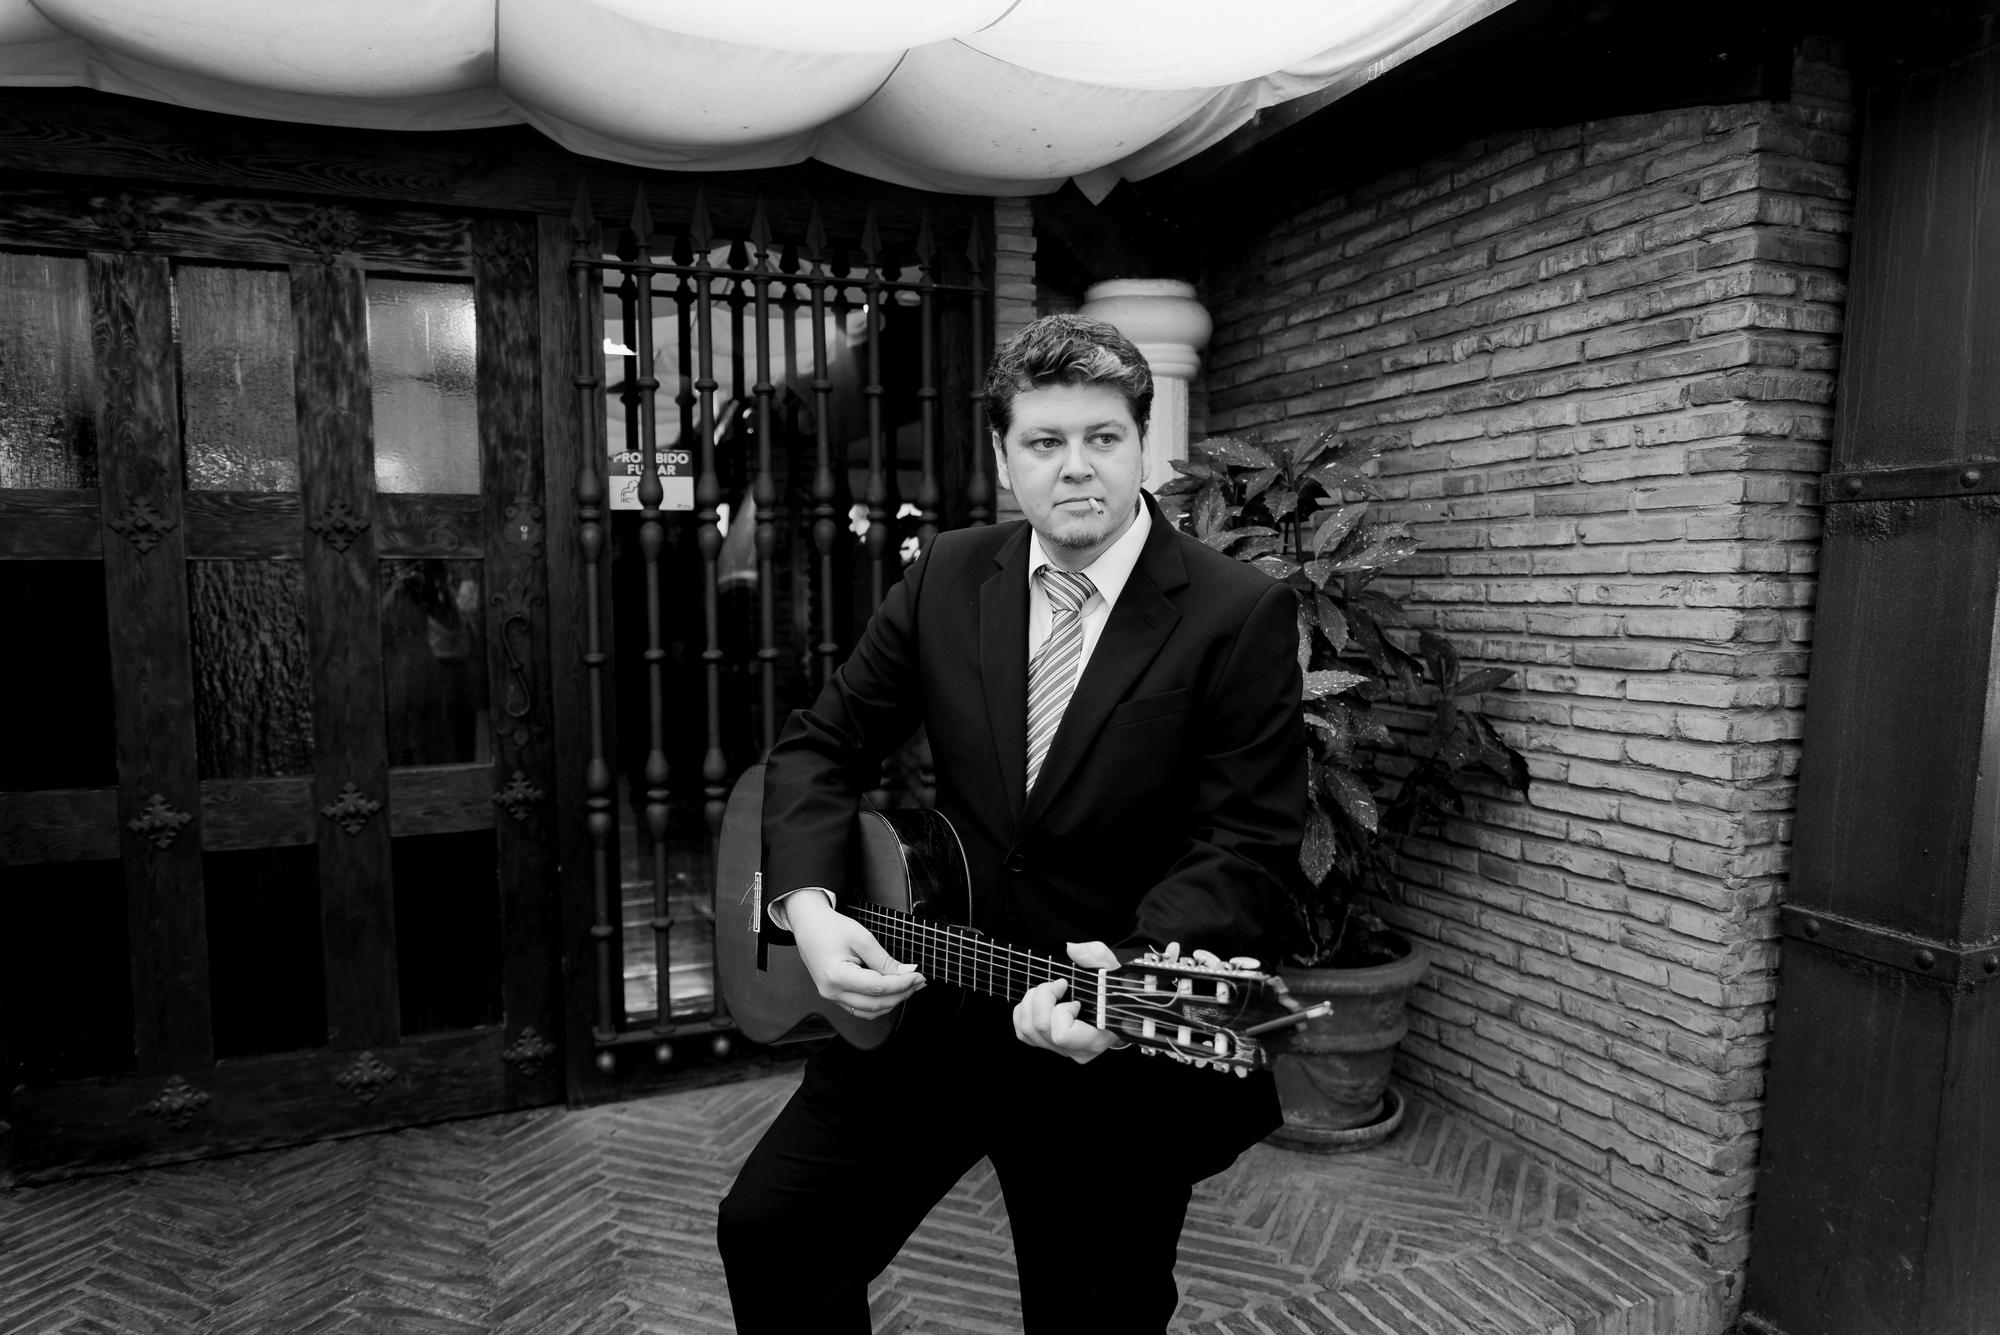 invitado guitarrista restaurante barros